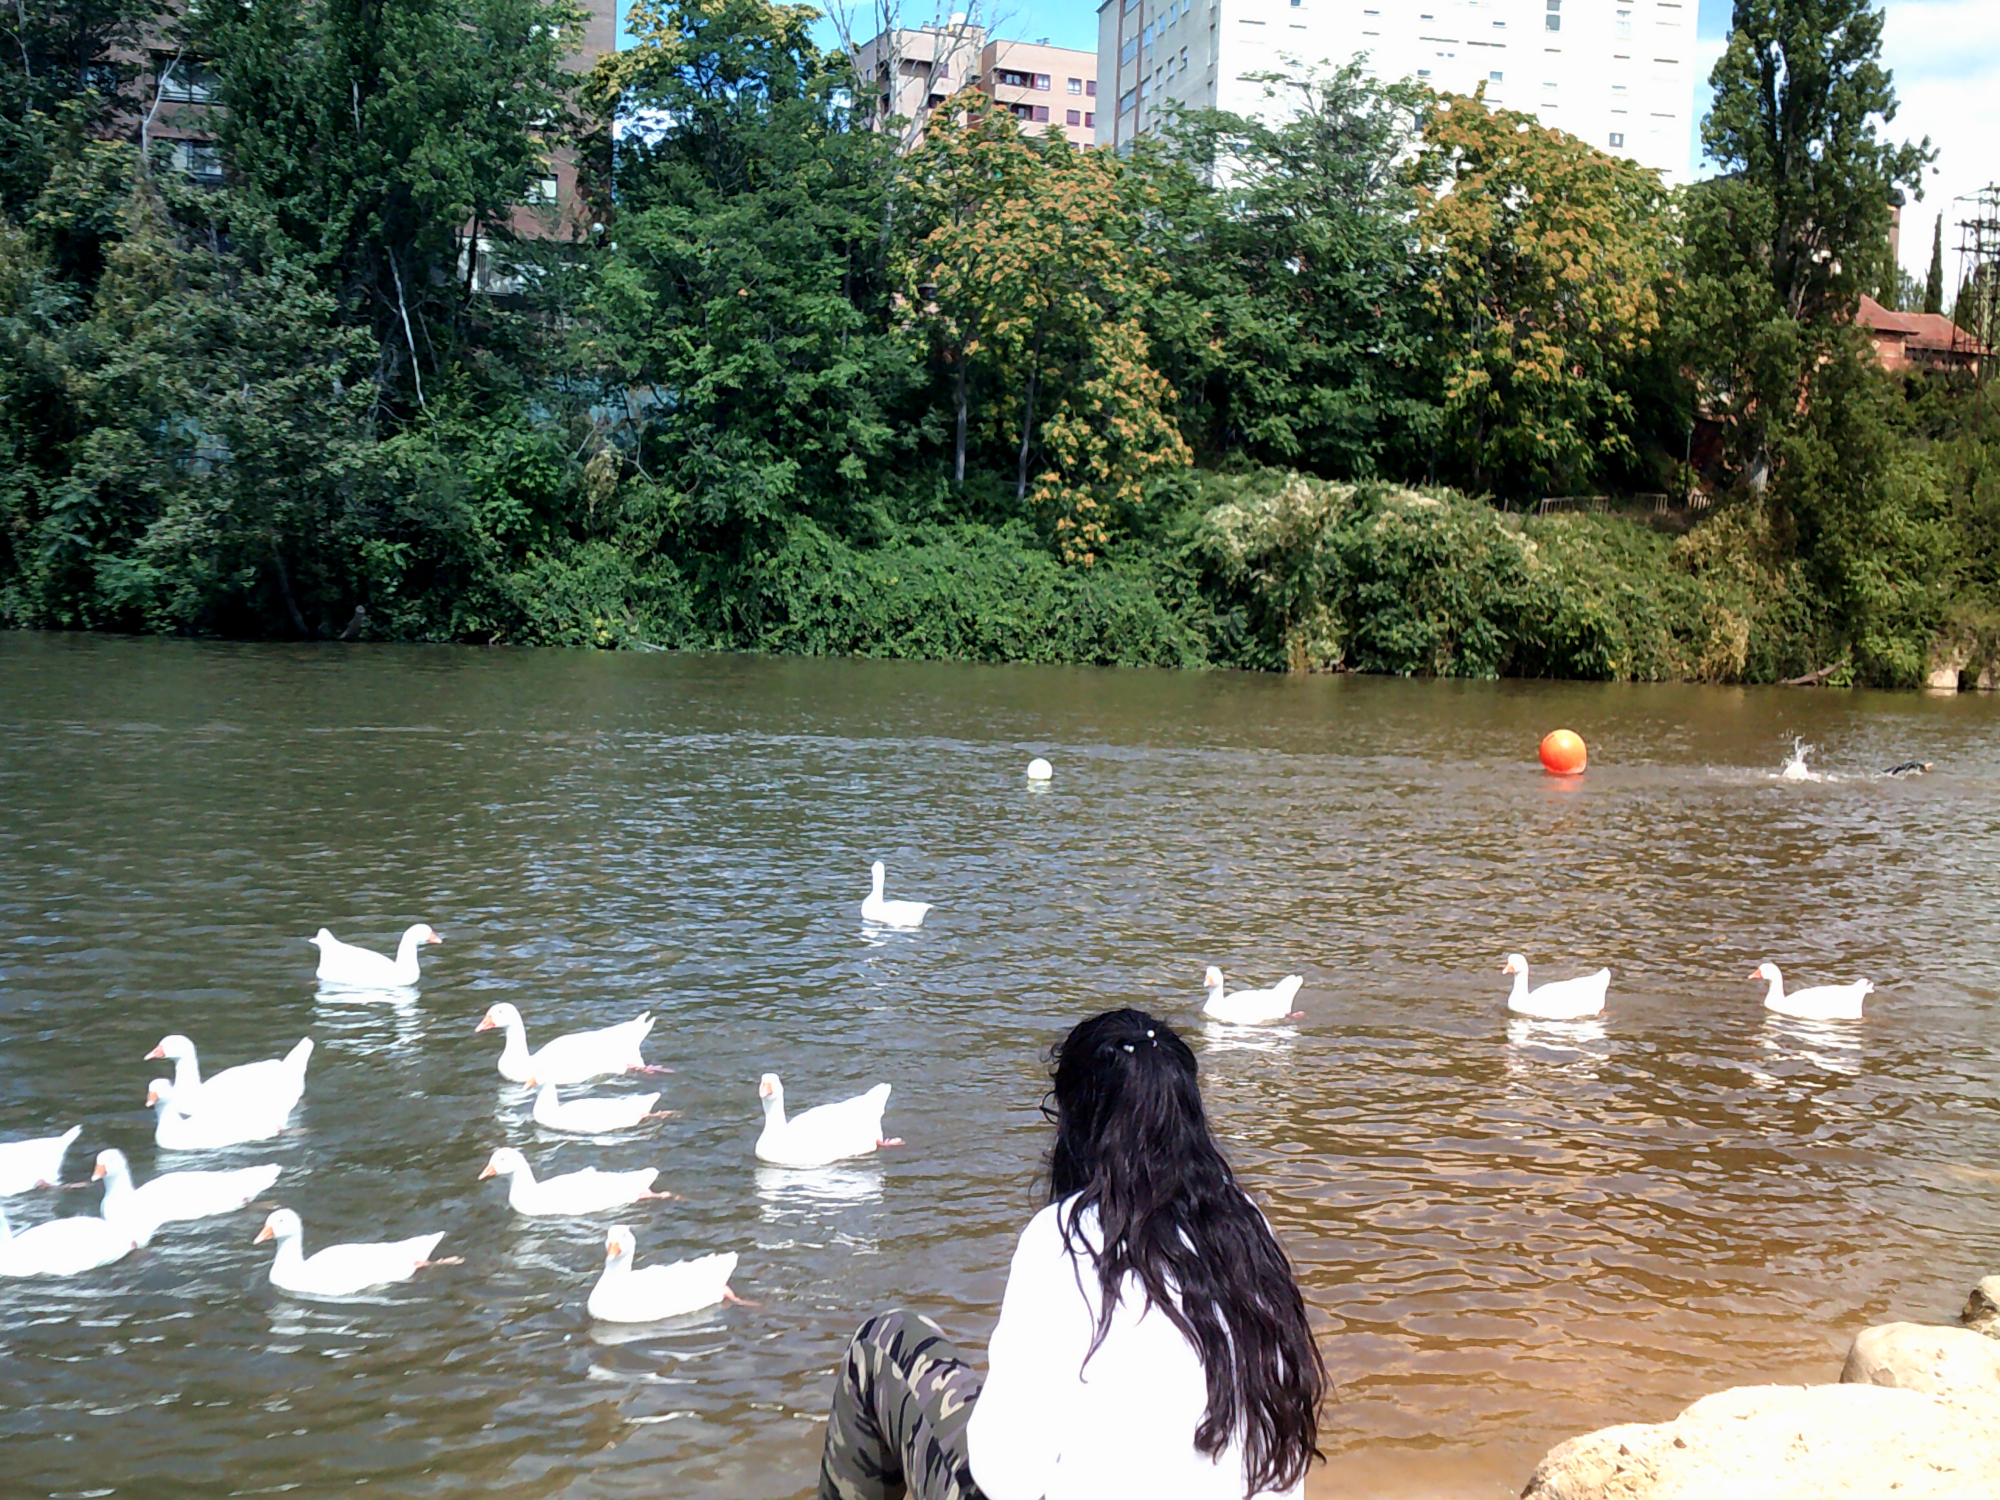 Joven de espaldas en el río frente a varias aves